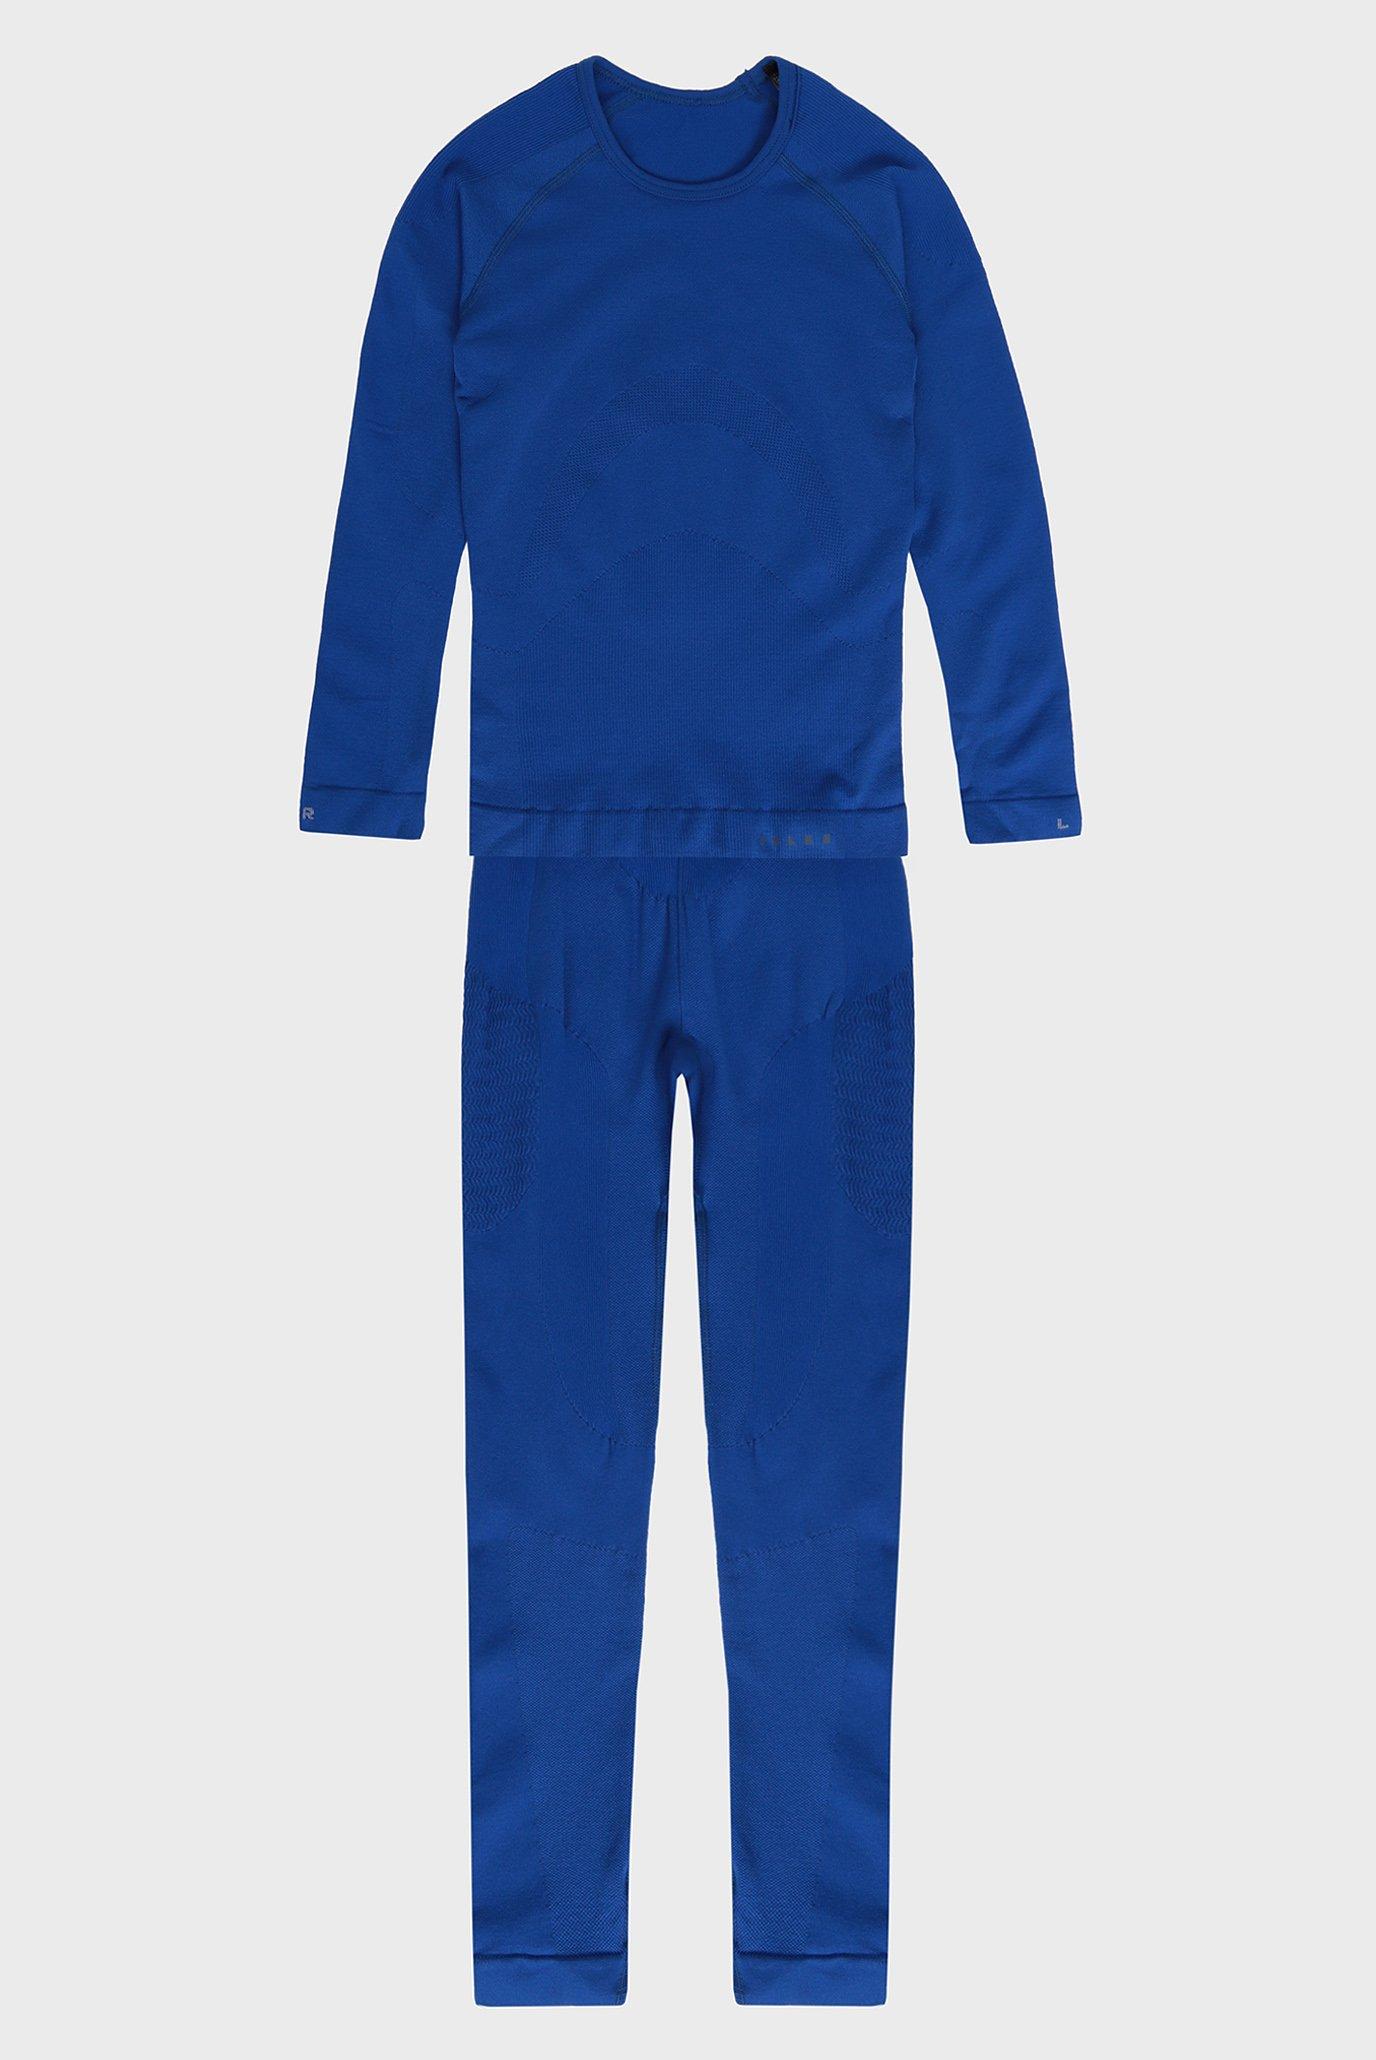 Дитяча синя термобілизна (лонгслів, брюки) Maximum Warm 1